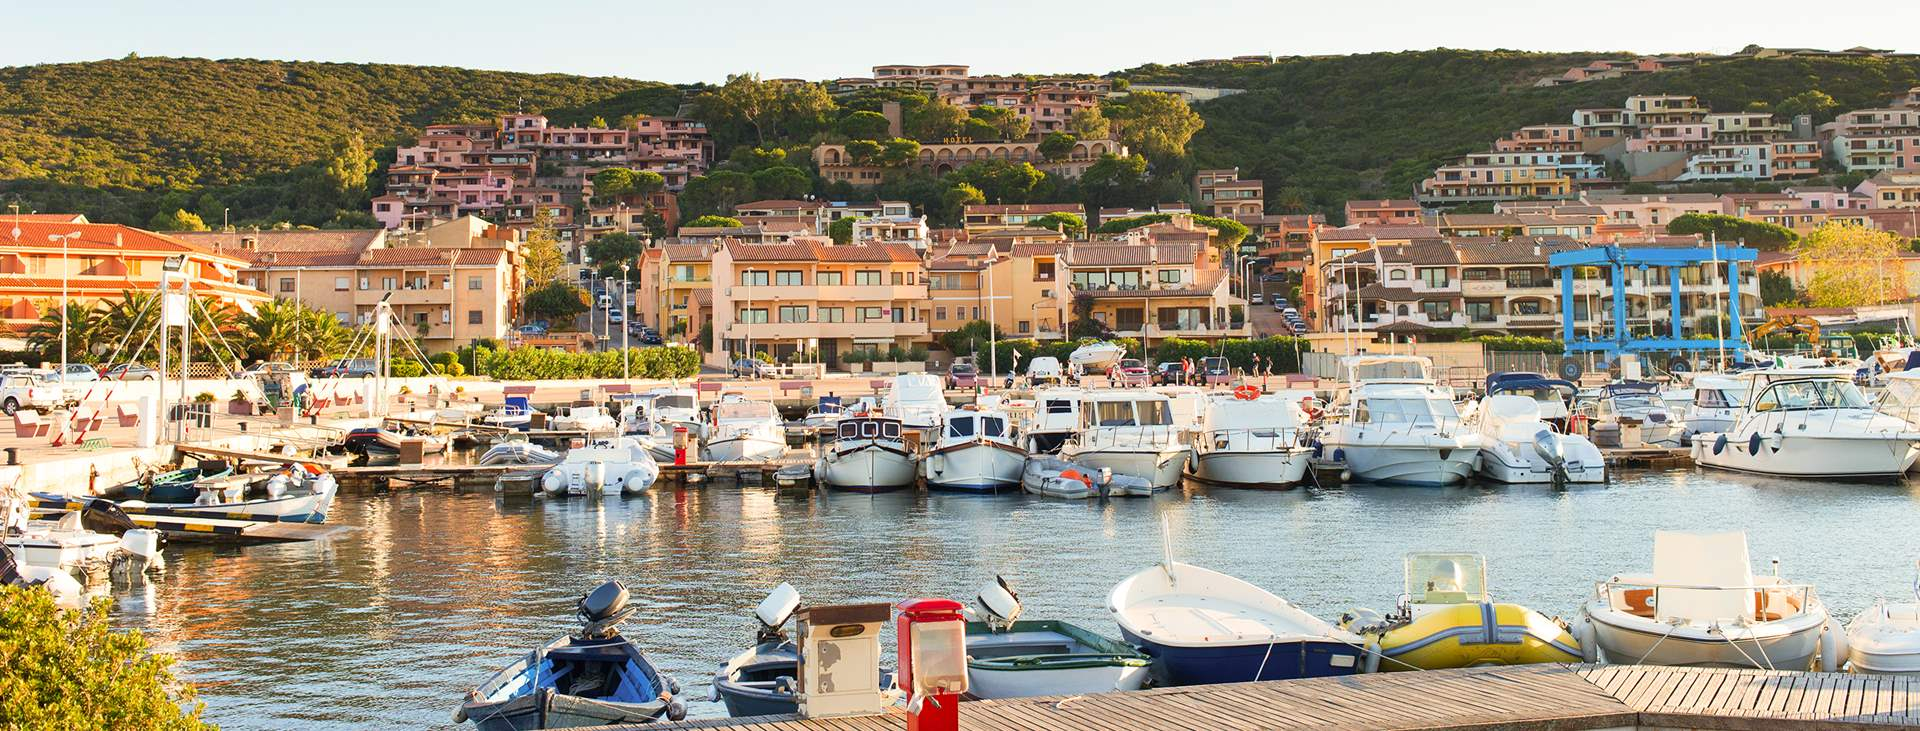 Resor till Costa Smeralda på Sardinien i Italien